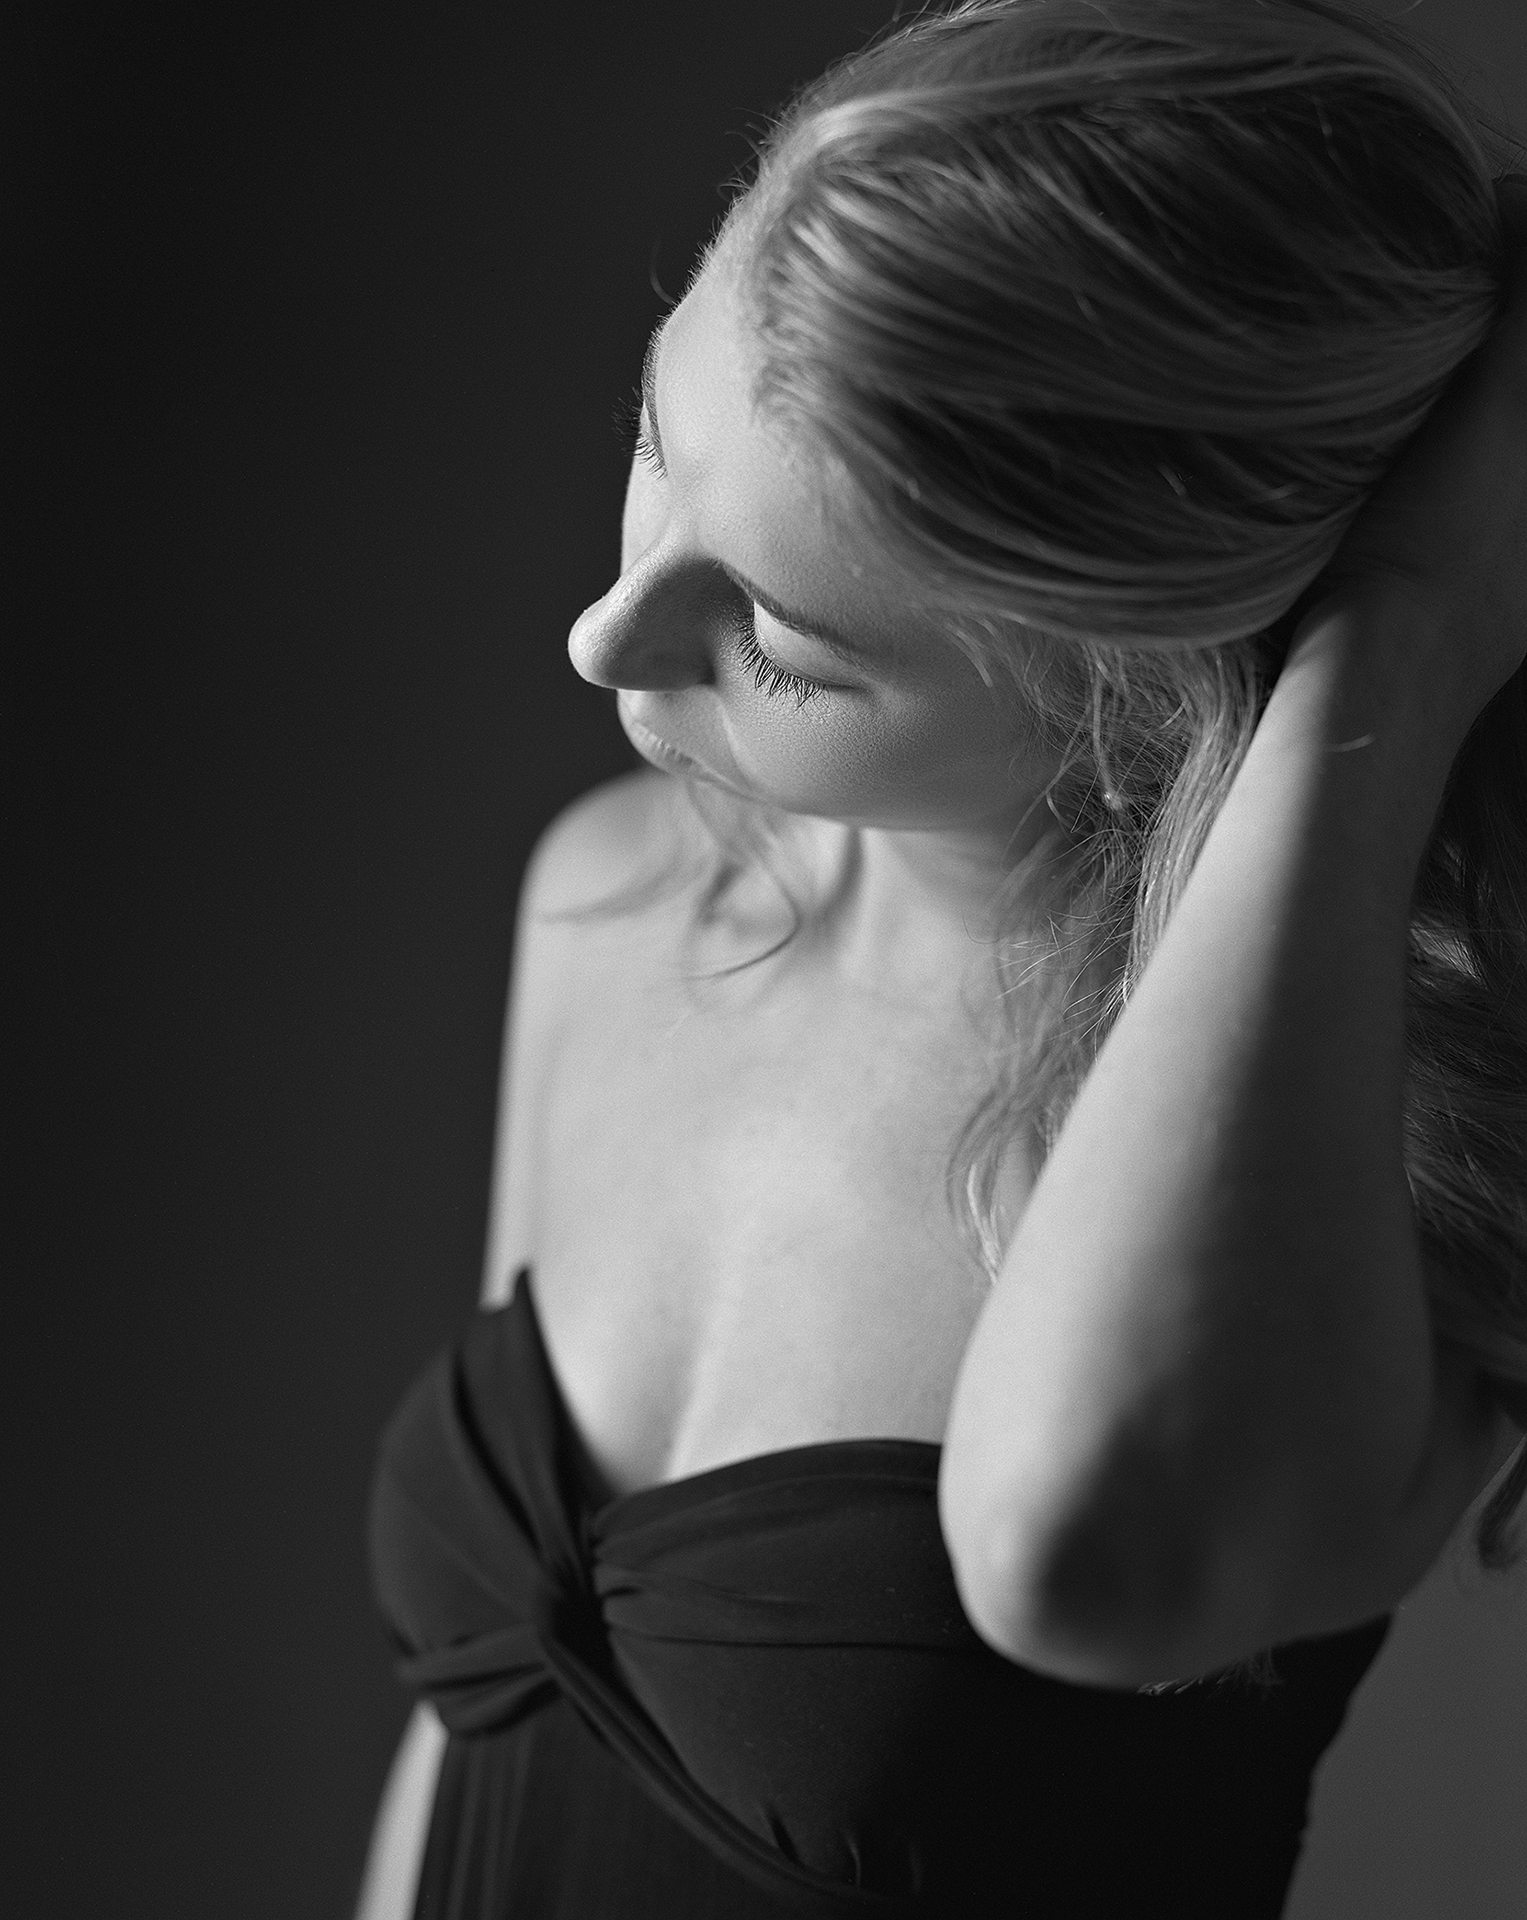 Black & white Tasha runs her hand through her hair for a portrait